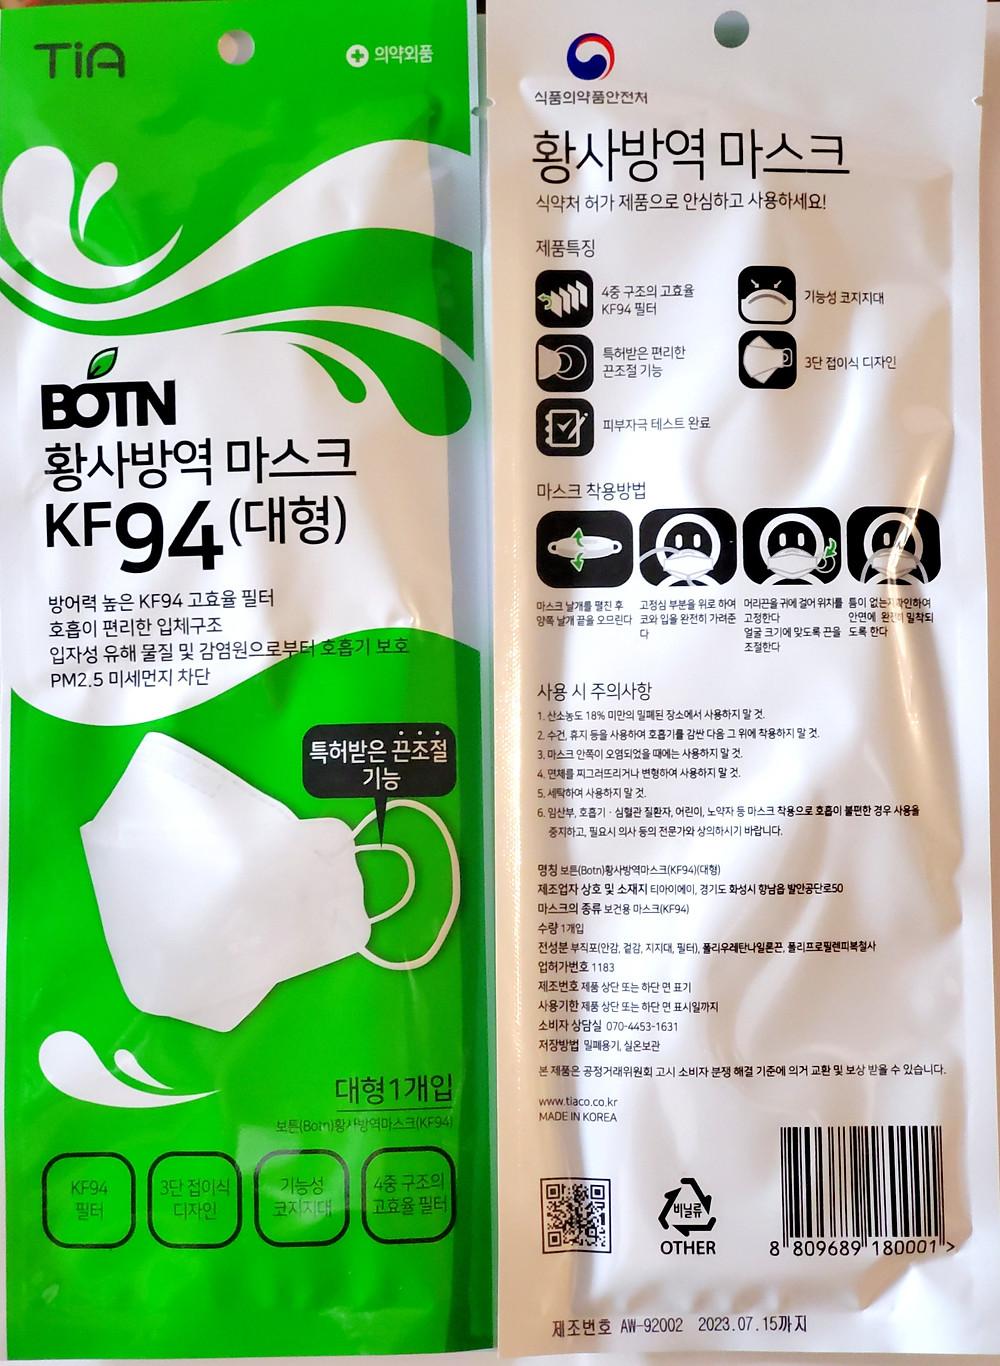 韓國原裝進口 KF94/N95 四層防護 防病毒醫用口罩(獨立包裝)